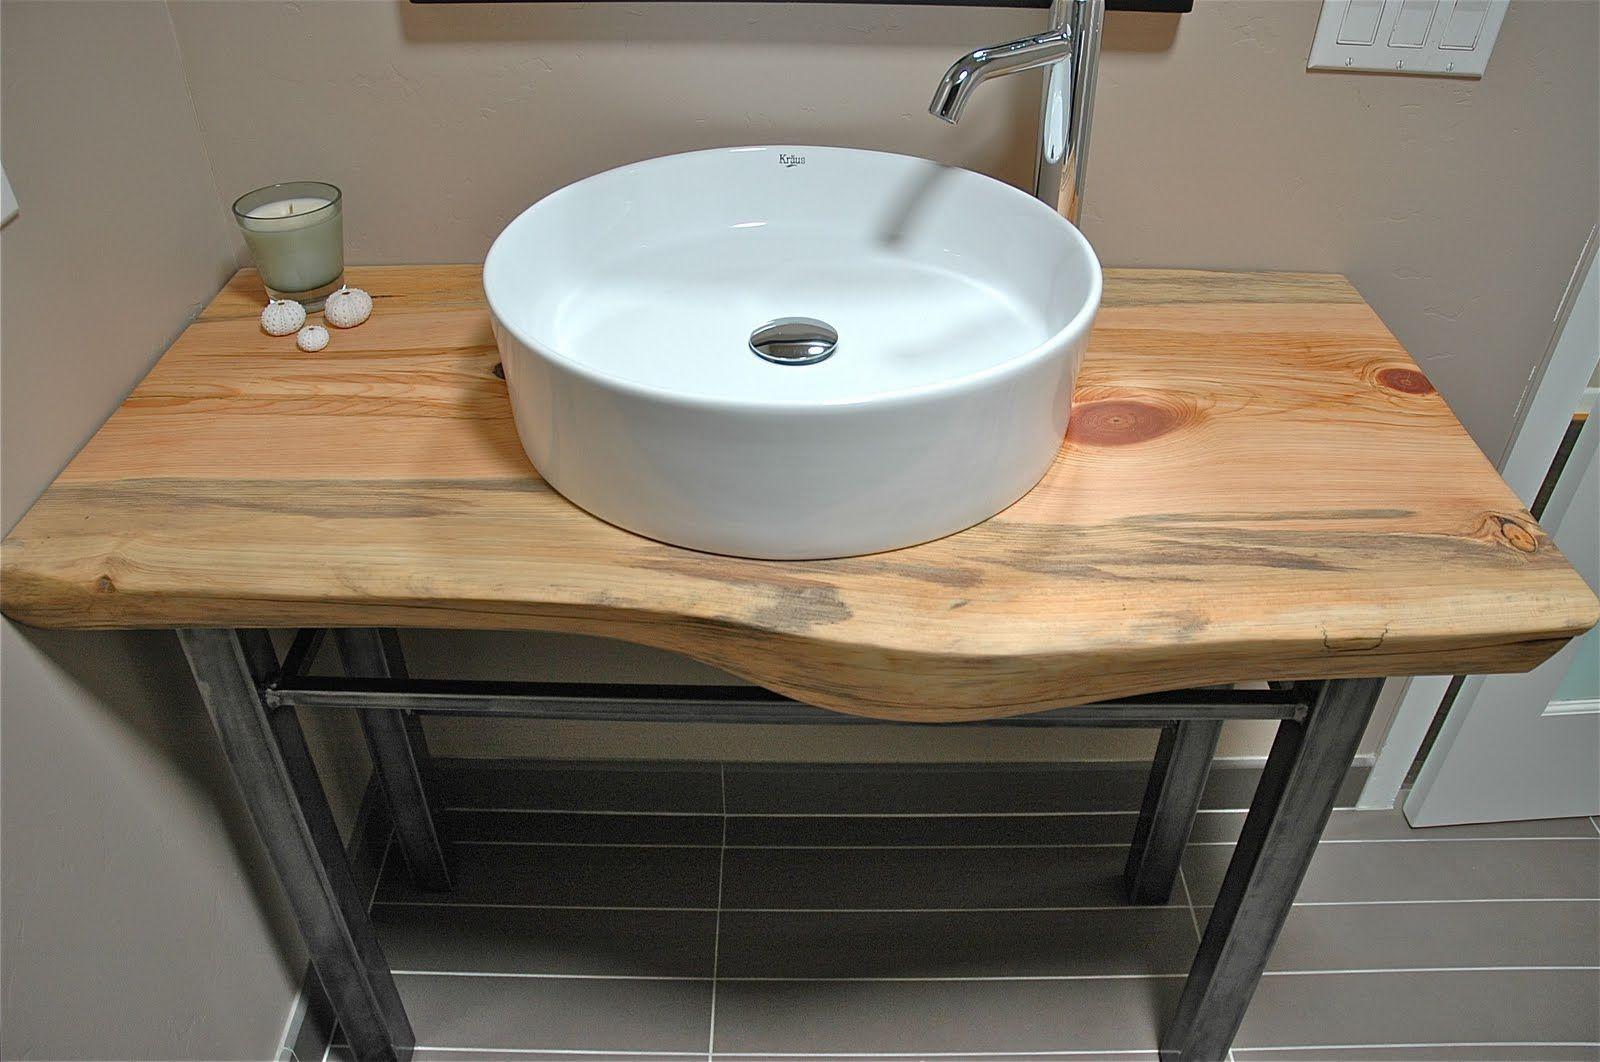 Badezimmer dekor tisch rael wood bathroom vanity  wohnung  pinterest  waschtisch